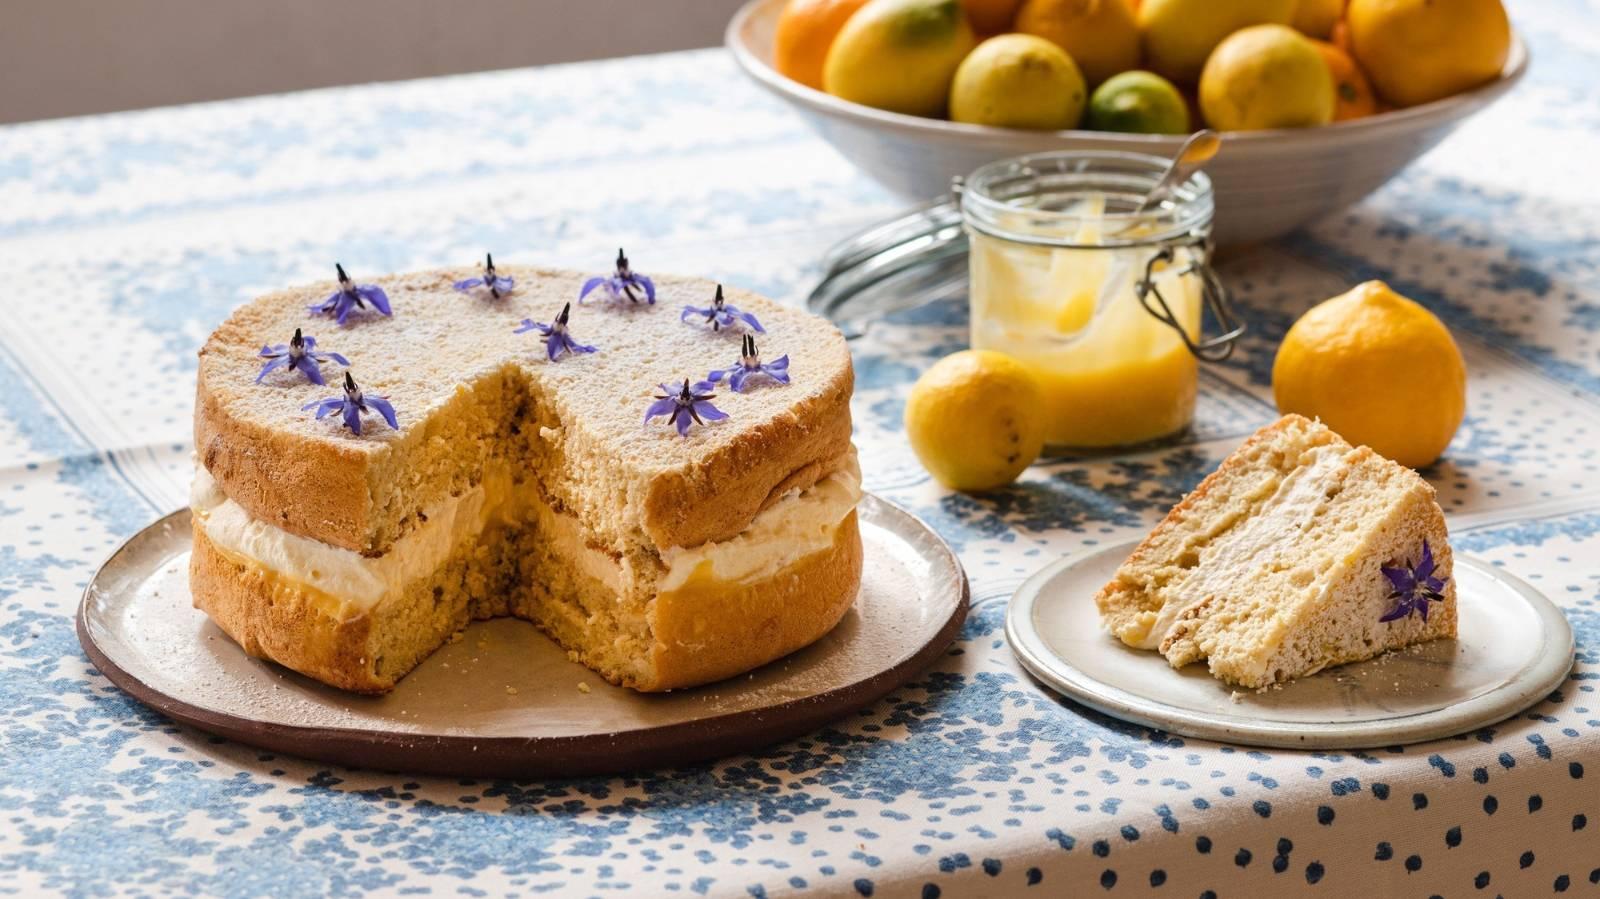 Sponge cake with citrus curd and cream